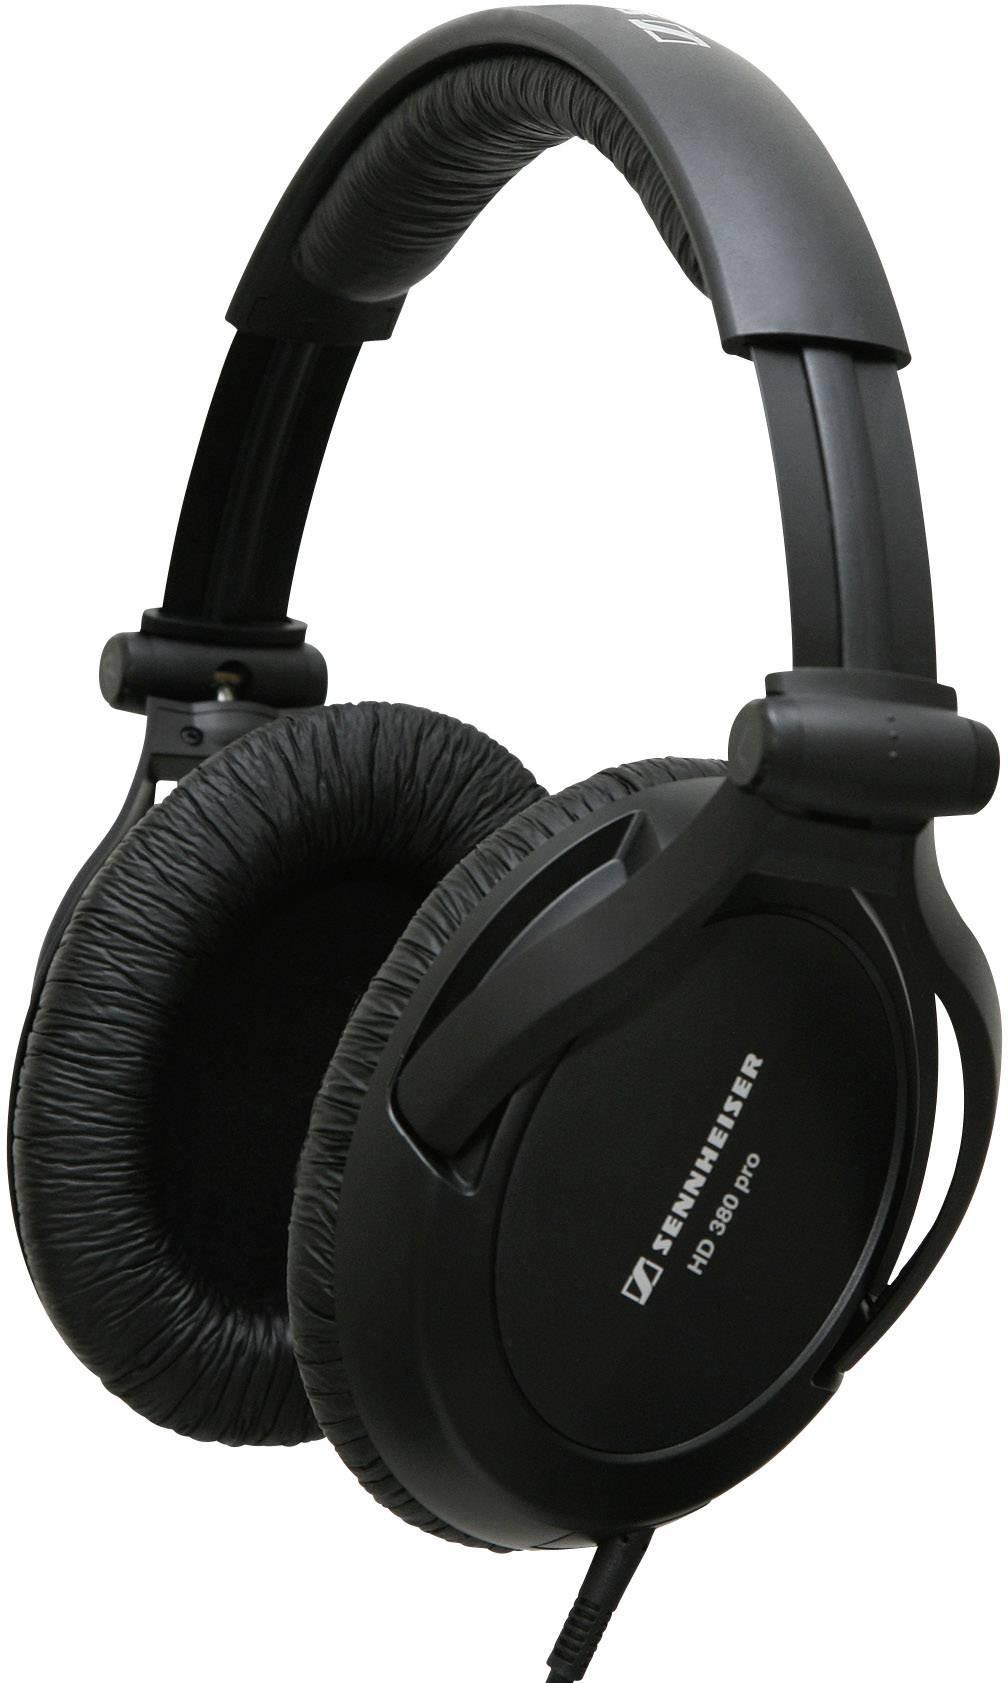 Štúdiové slúchadlá Sennheiser HD 380 Pro 502717, čierna